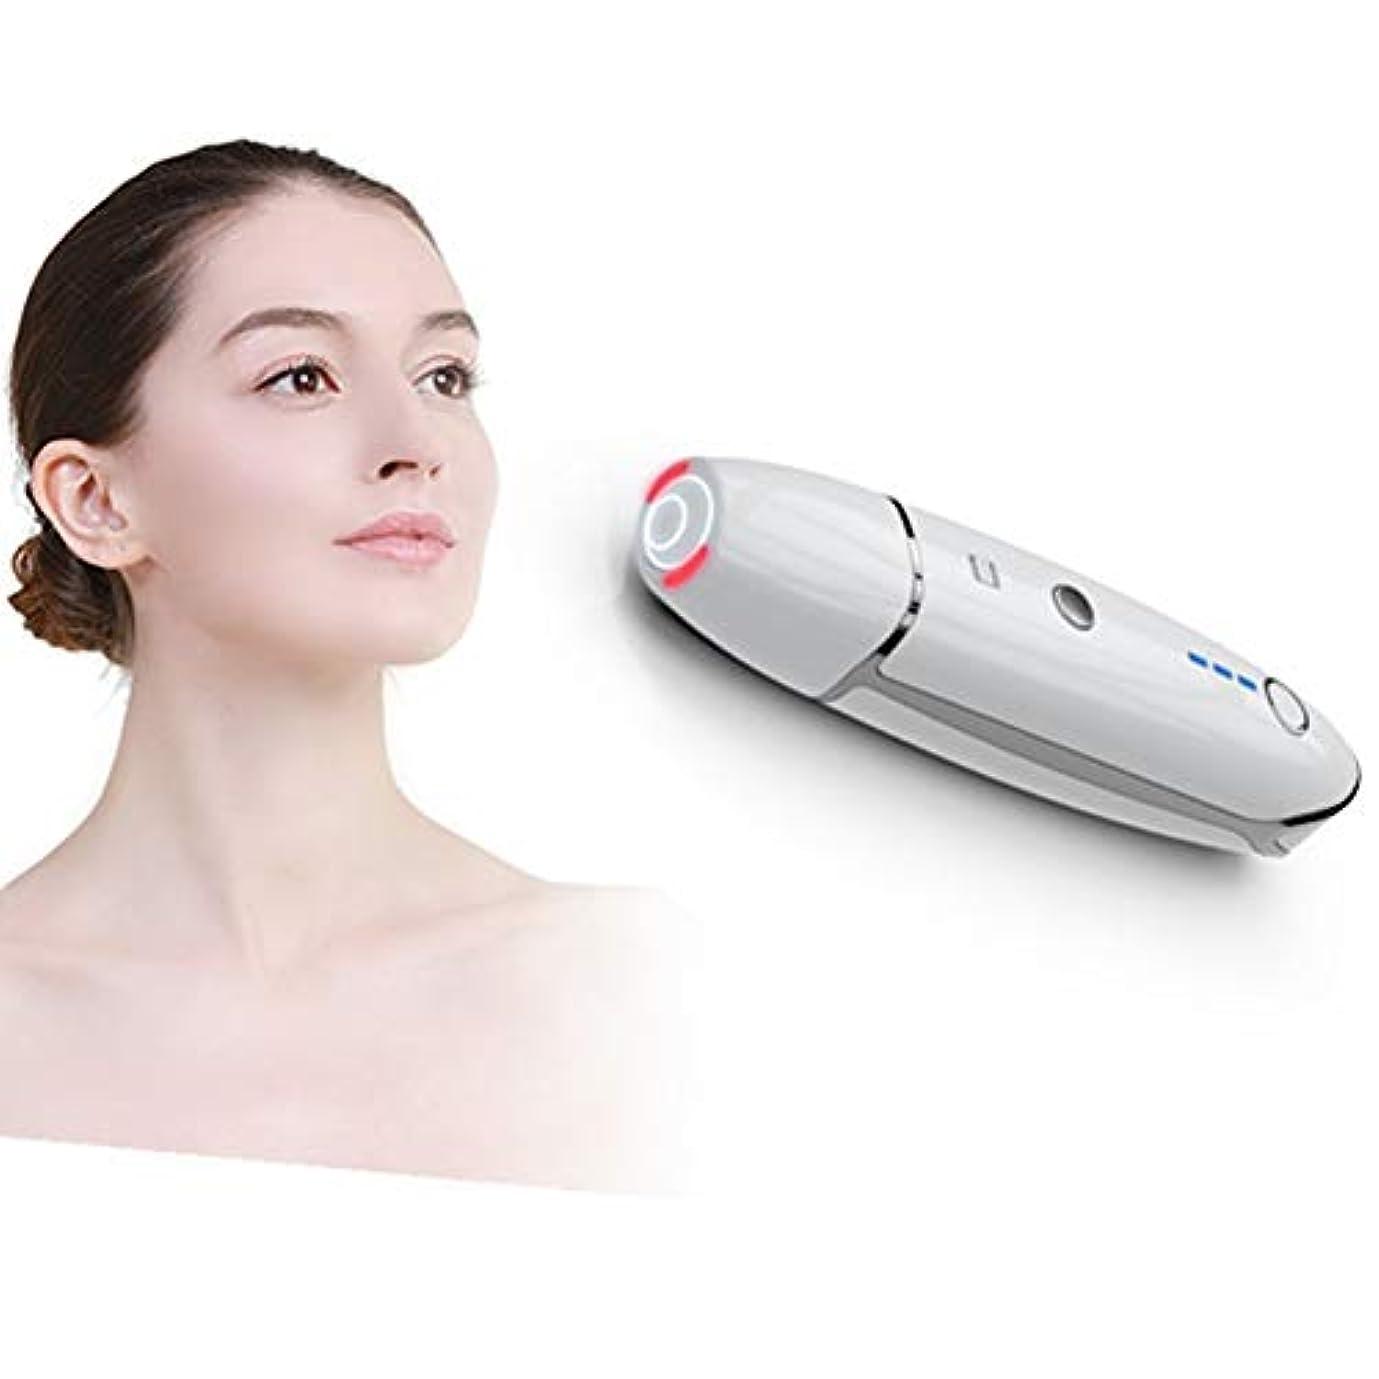 こどもの日制約ダムマイクロダーマブレーションデバイス肌の若返りフェイシャルマシンフェイスリフト肌を引き締めてシワを取り除くアンチエイジングエステサロン